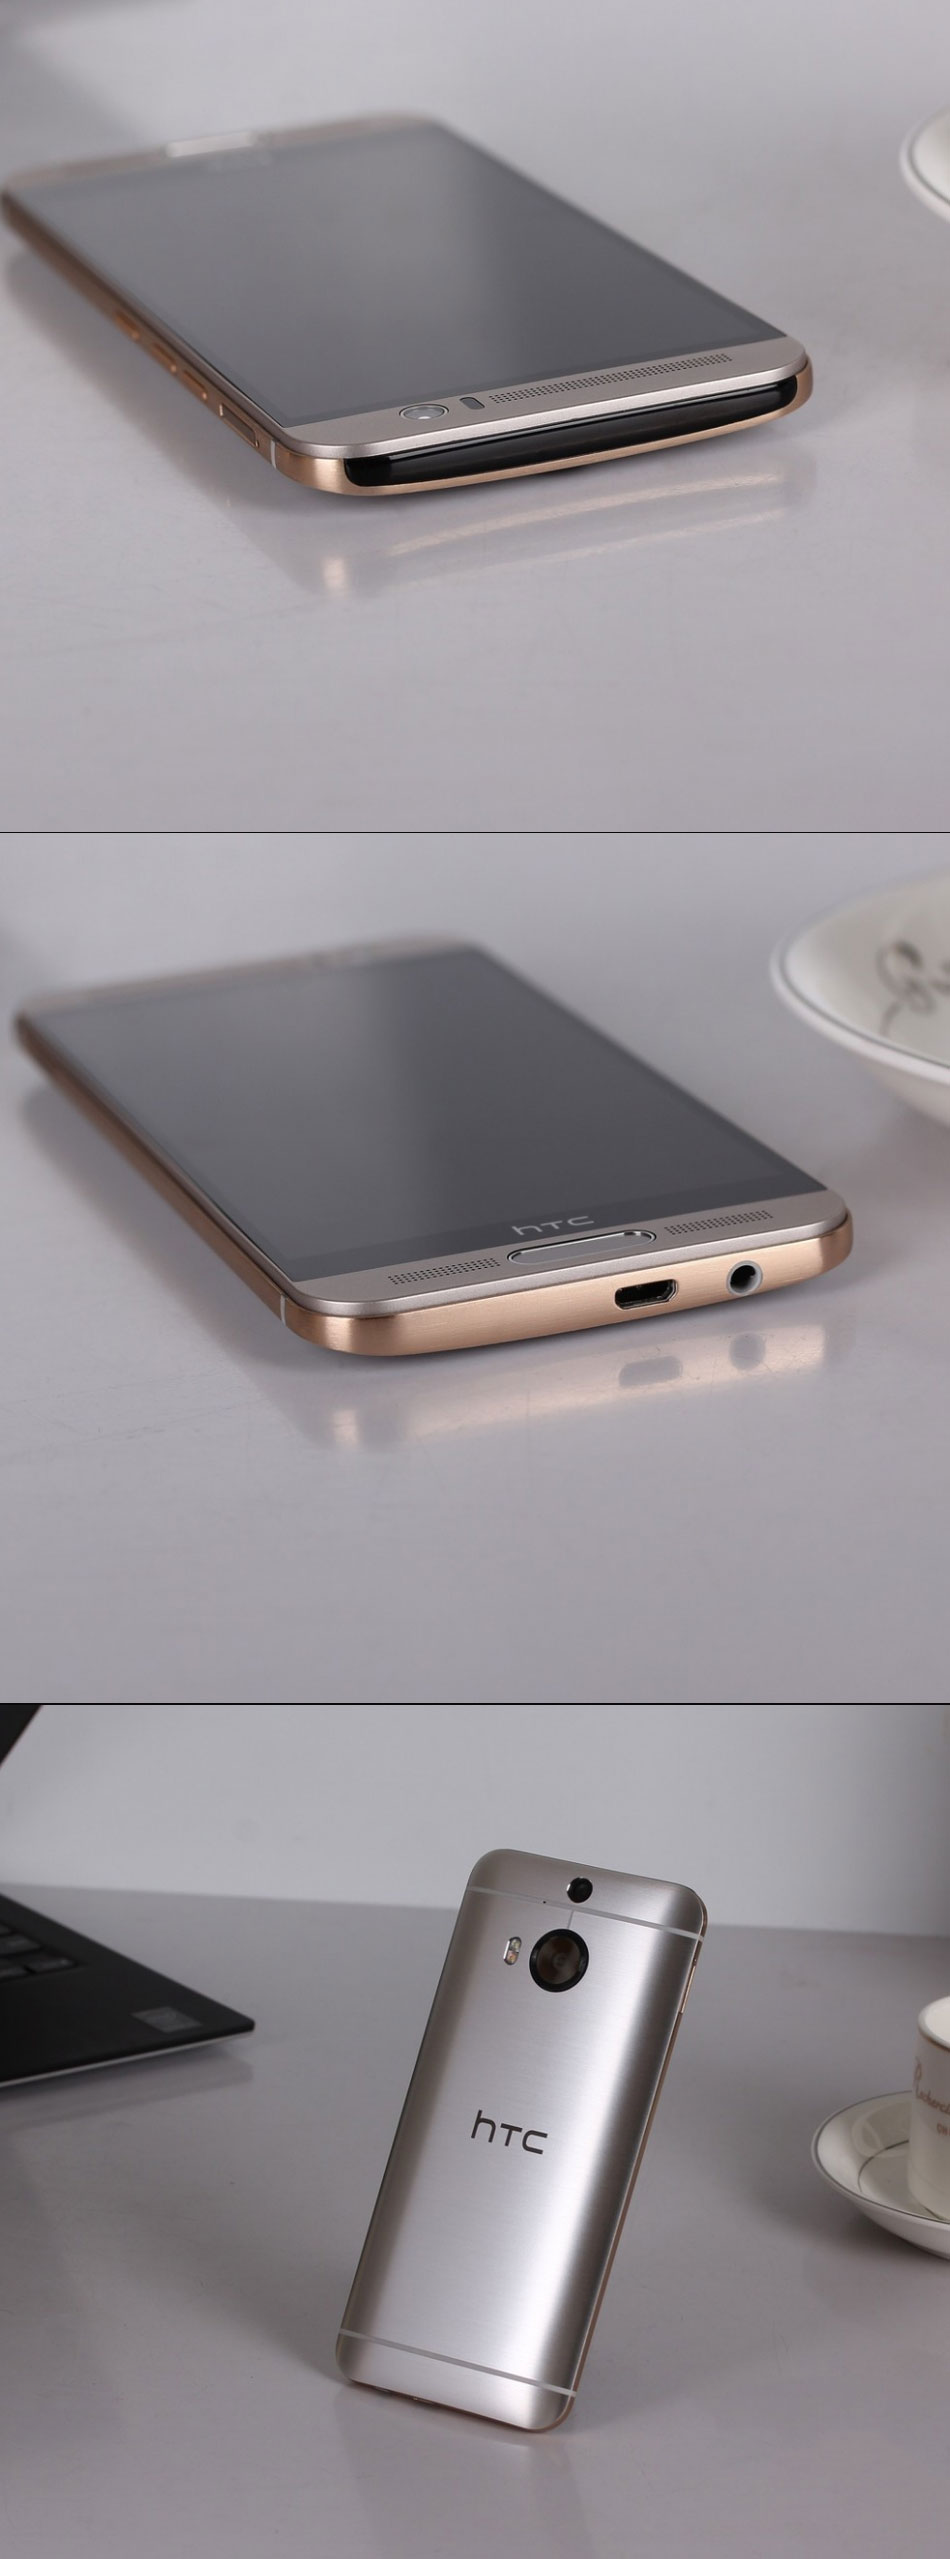 20MP Plus 4G ROM 19